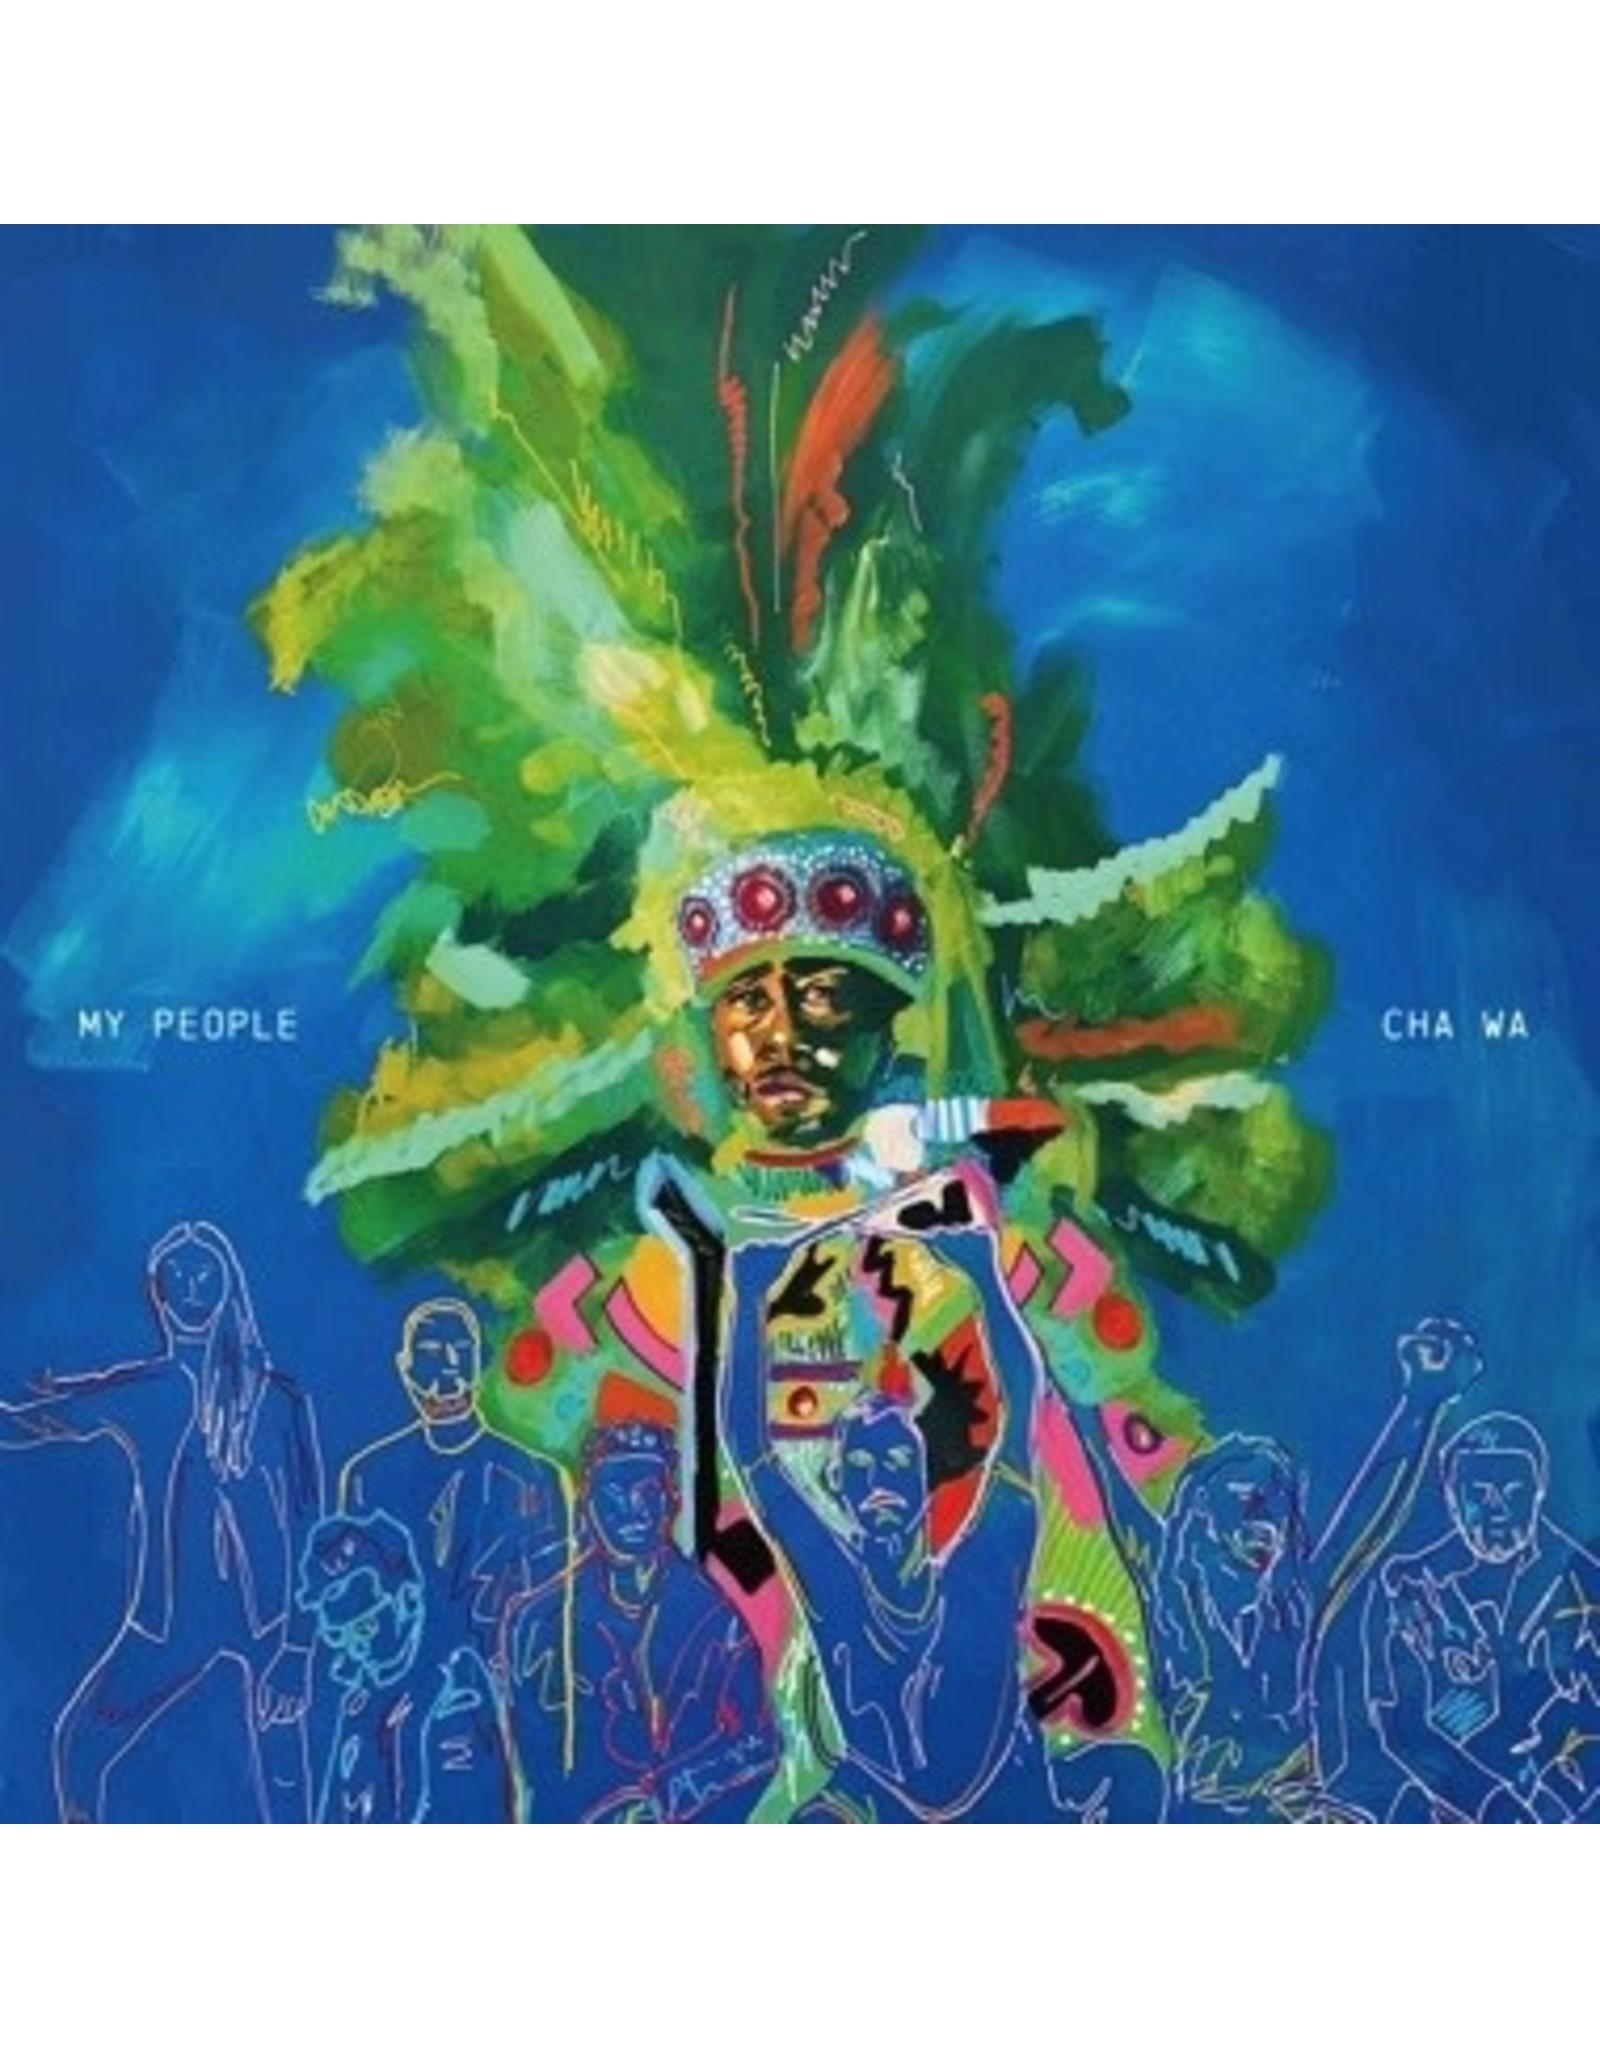 New Vinyl Cha Wa - My People (Mardi Gras Splatter) LP